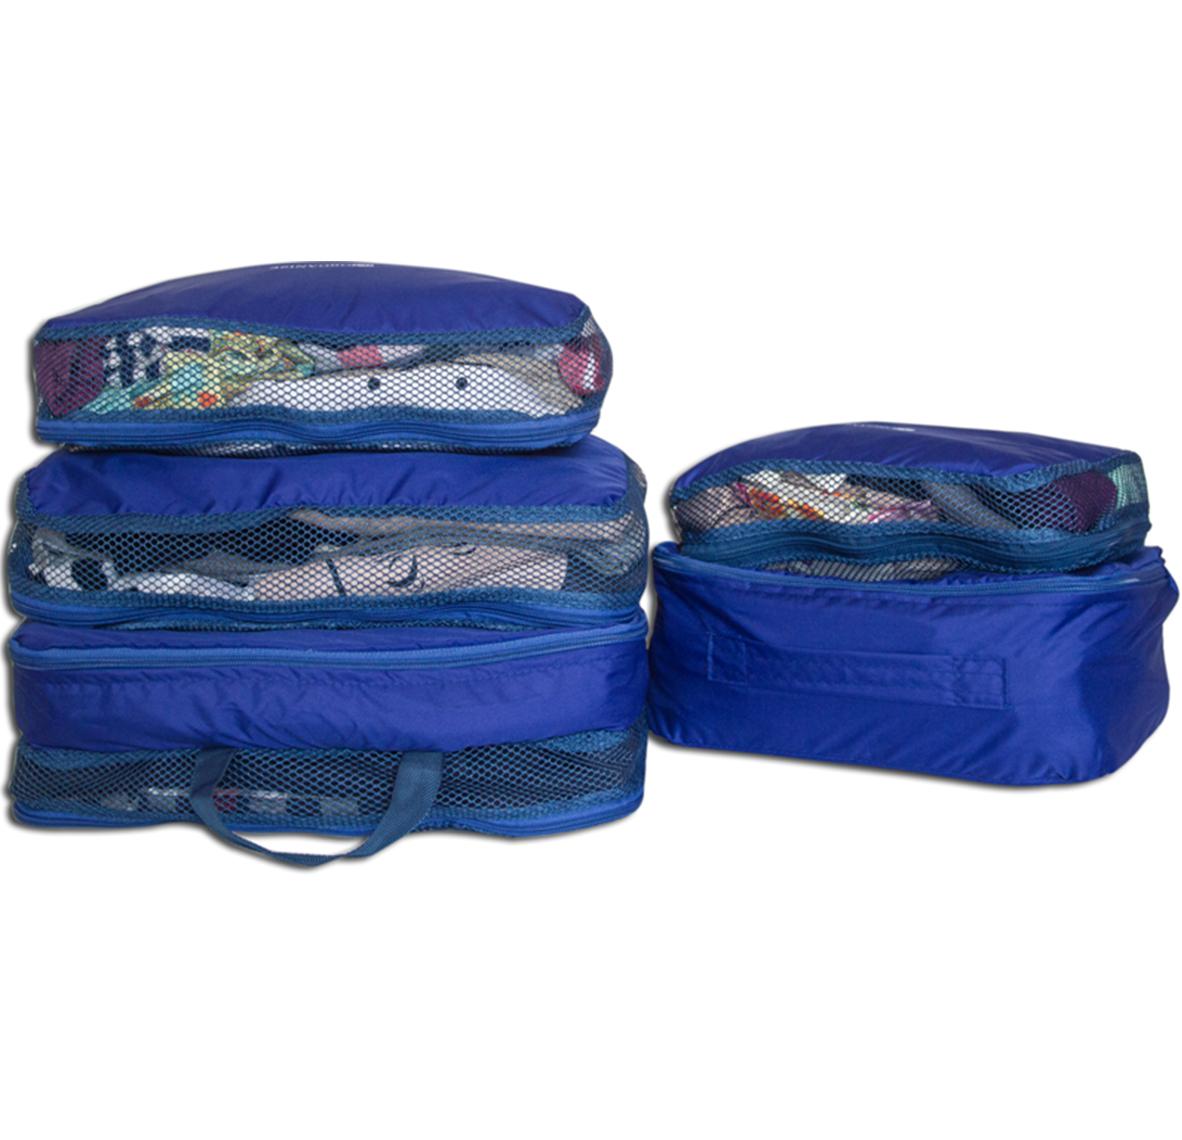 органайзер для чемодана купить киев